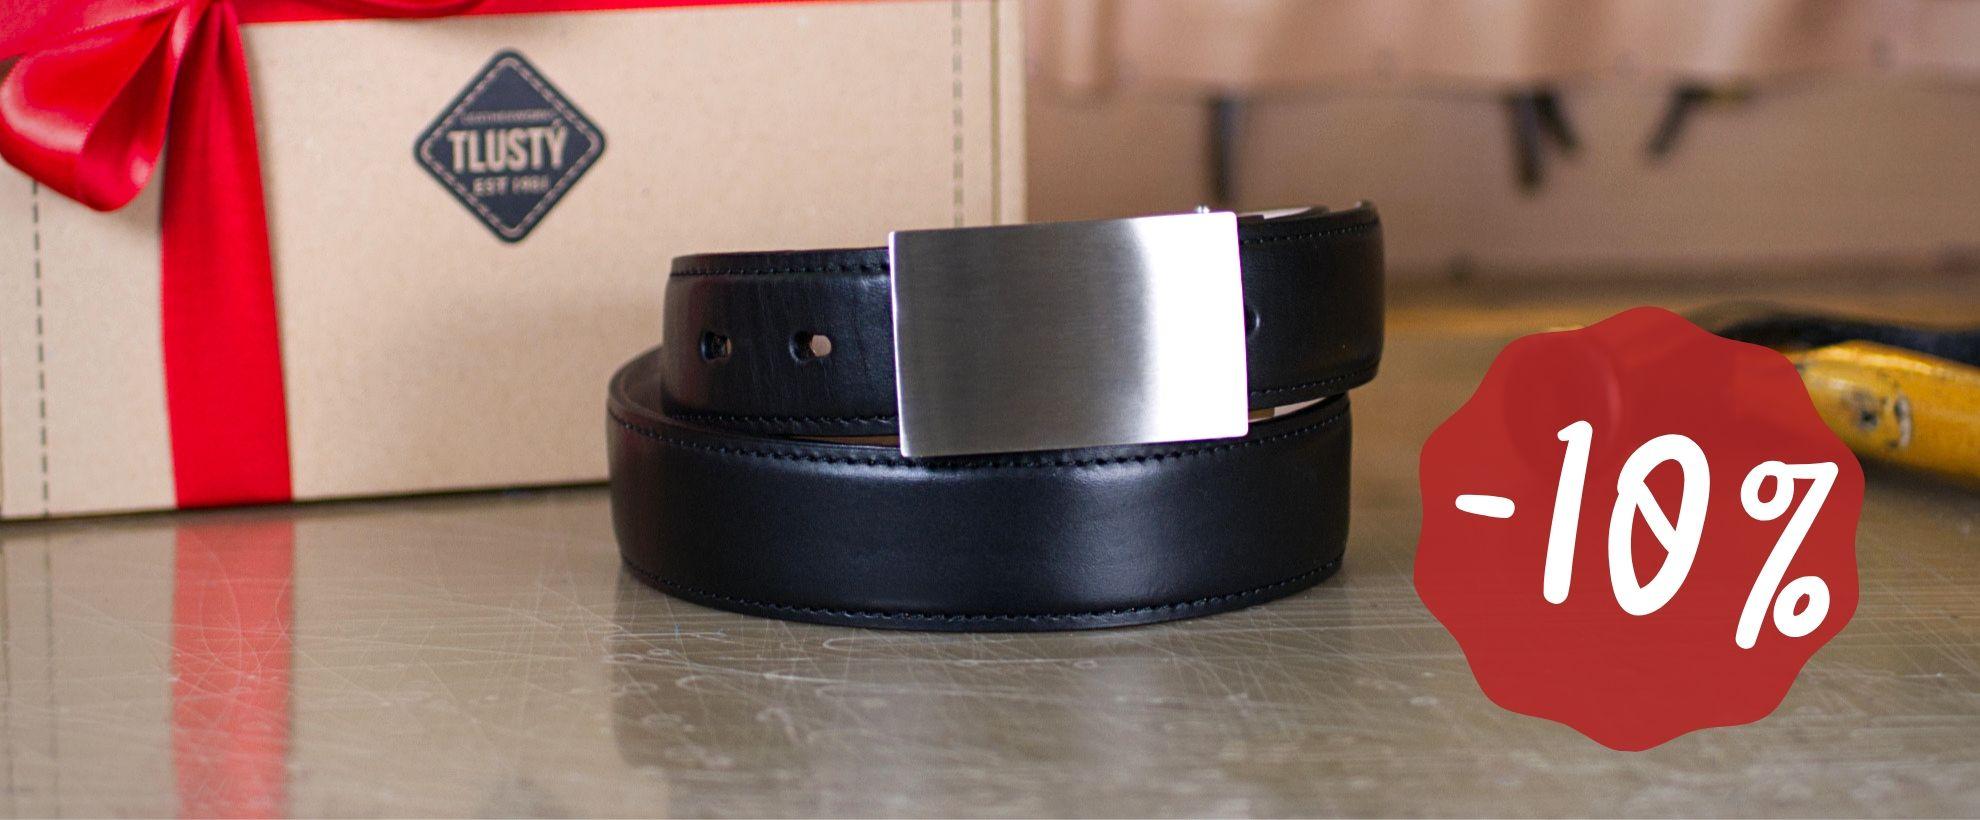 Vanoce - pouze do 17 11 - LP BANNER - 1980 x 820 px - belt business black plain buckle.jpg